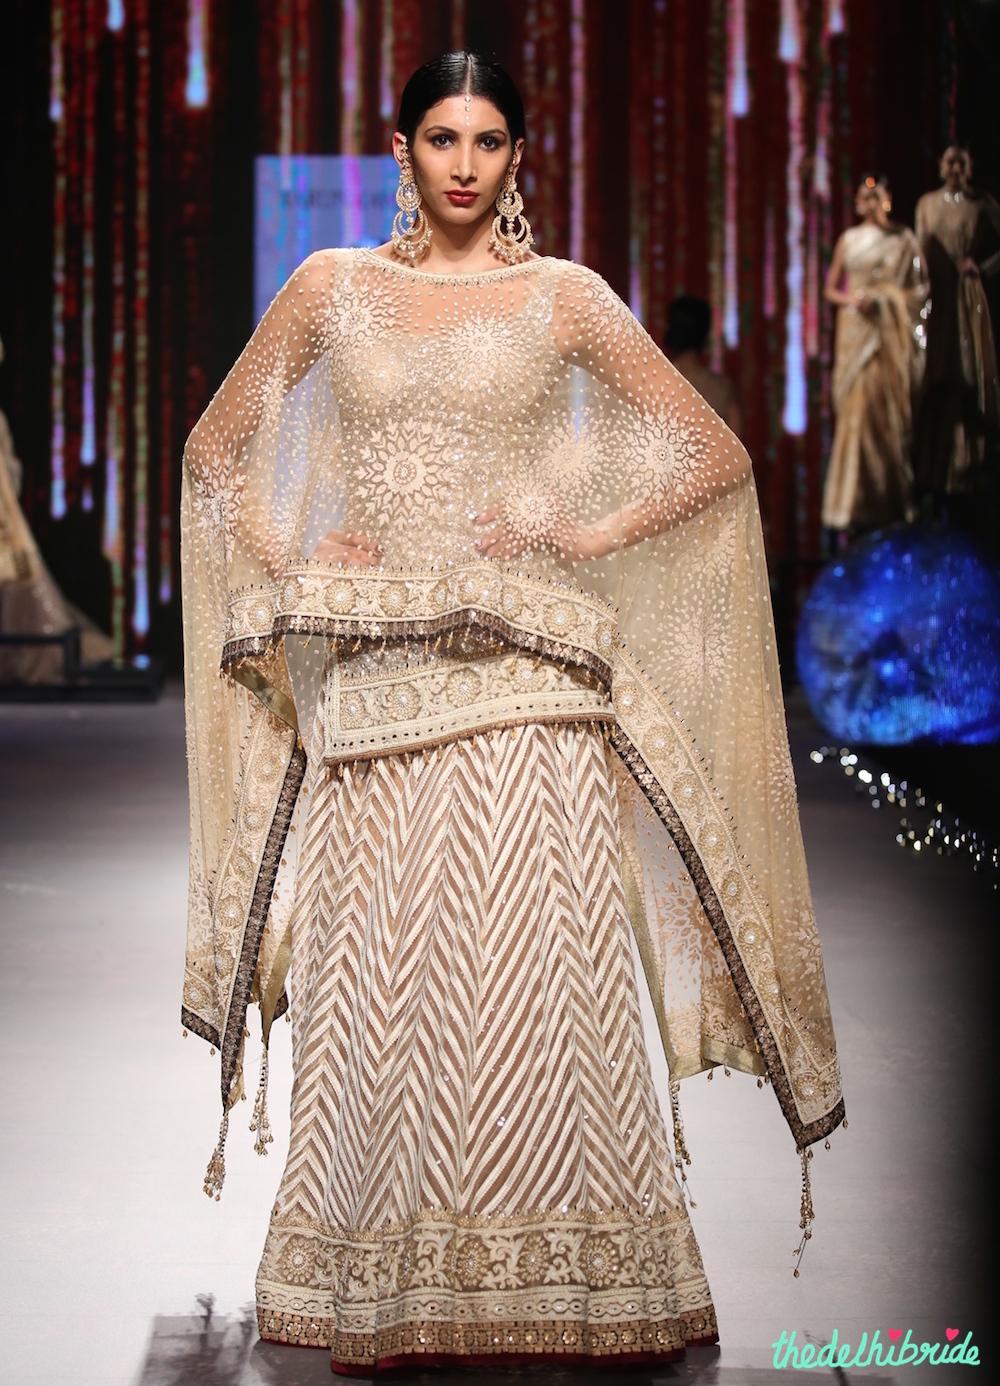 Tarun Tahiliani At Bmw India Bridal Fashion Week 2015 An